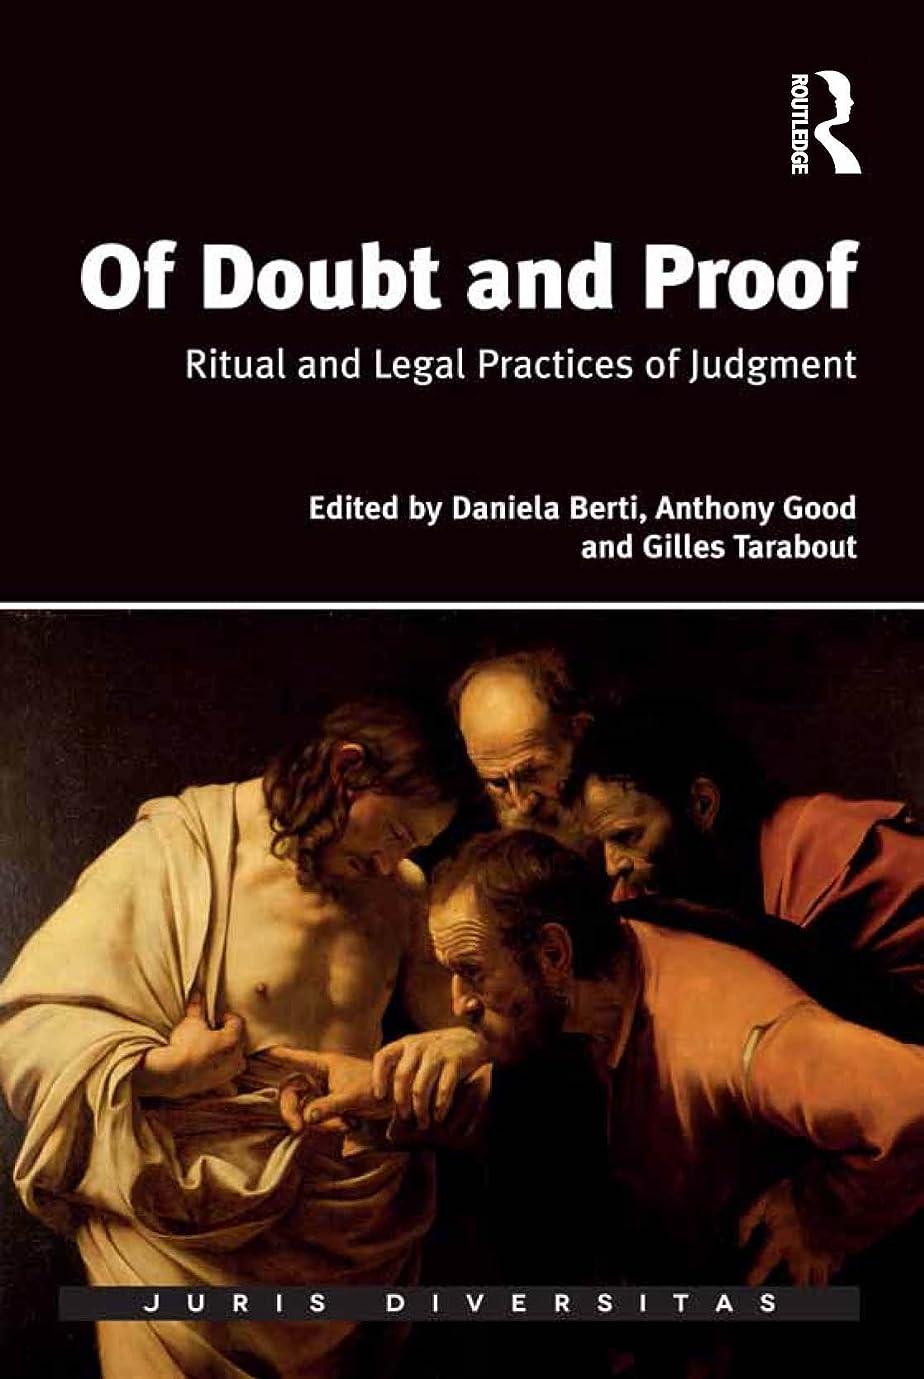 モノグラフ領域ひいきにするOf Doubt and Proof: Ritual and Legal Practices of Judgment (Juris Diversitas) (English Edition)